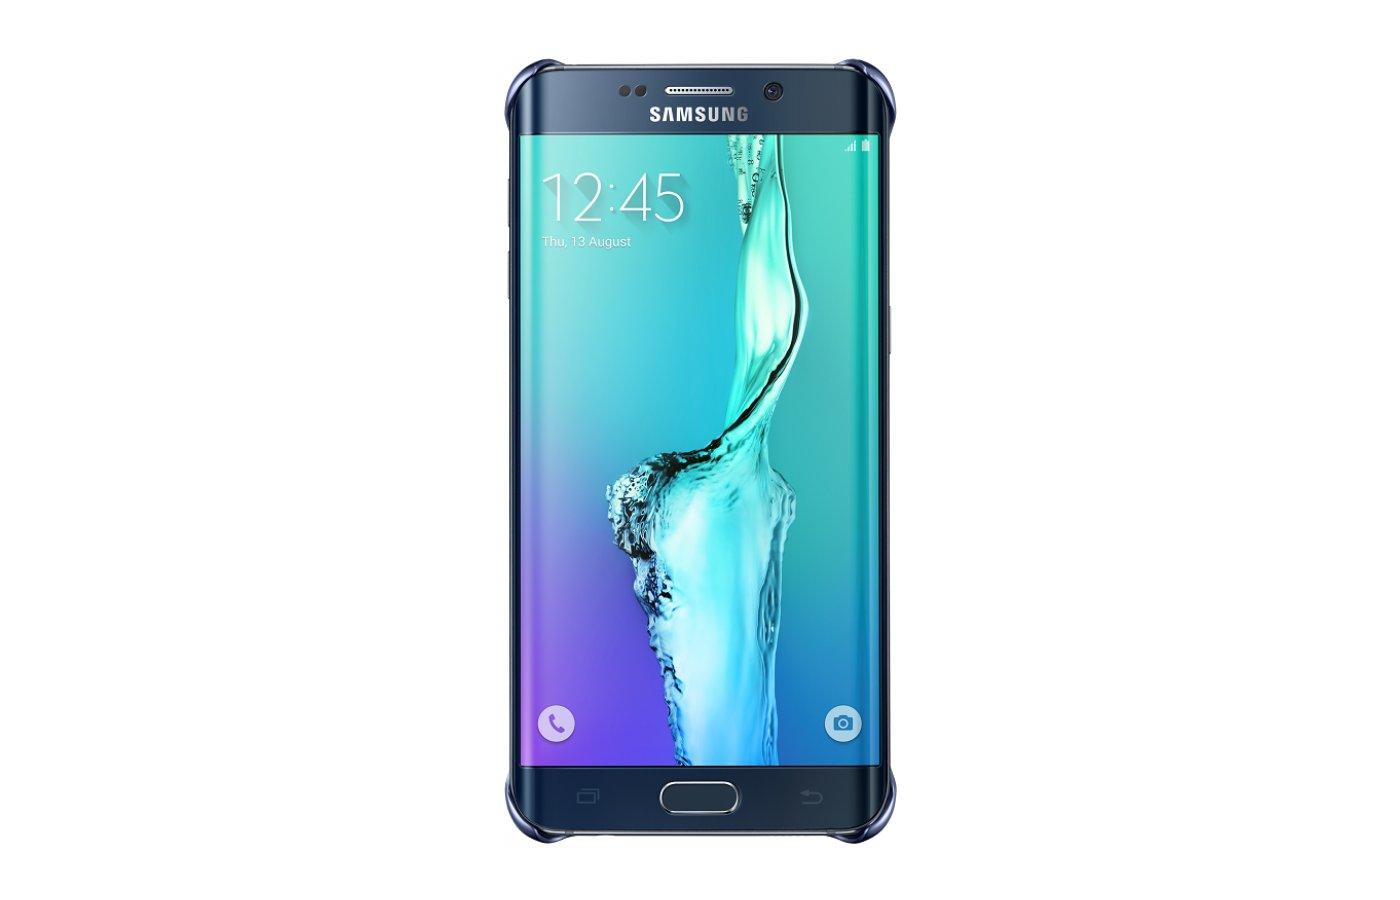 Чехол Samsung СlCover для Galaxy S6 Edge+ (SM-G928) (EF-QG928CBEGRU) черный